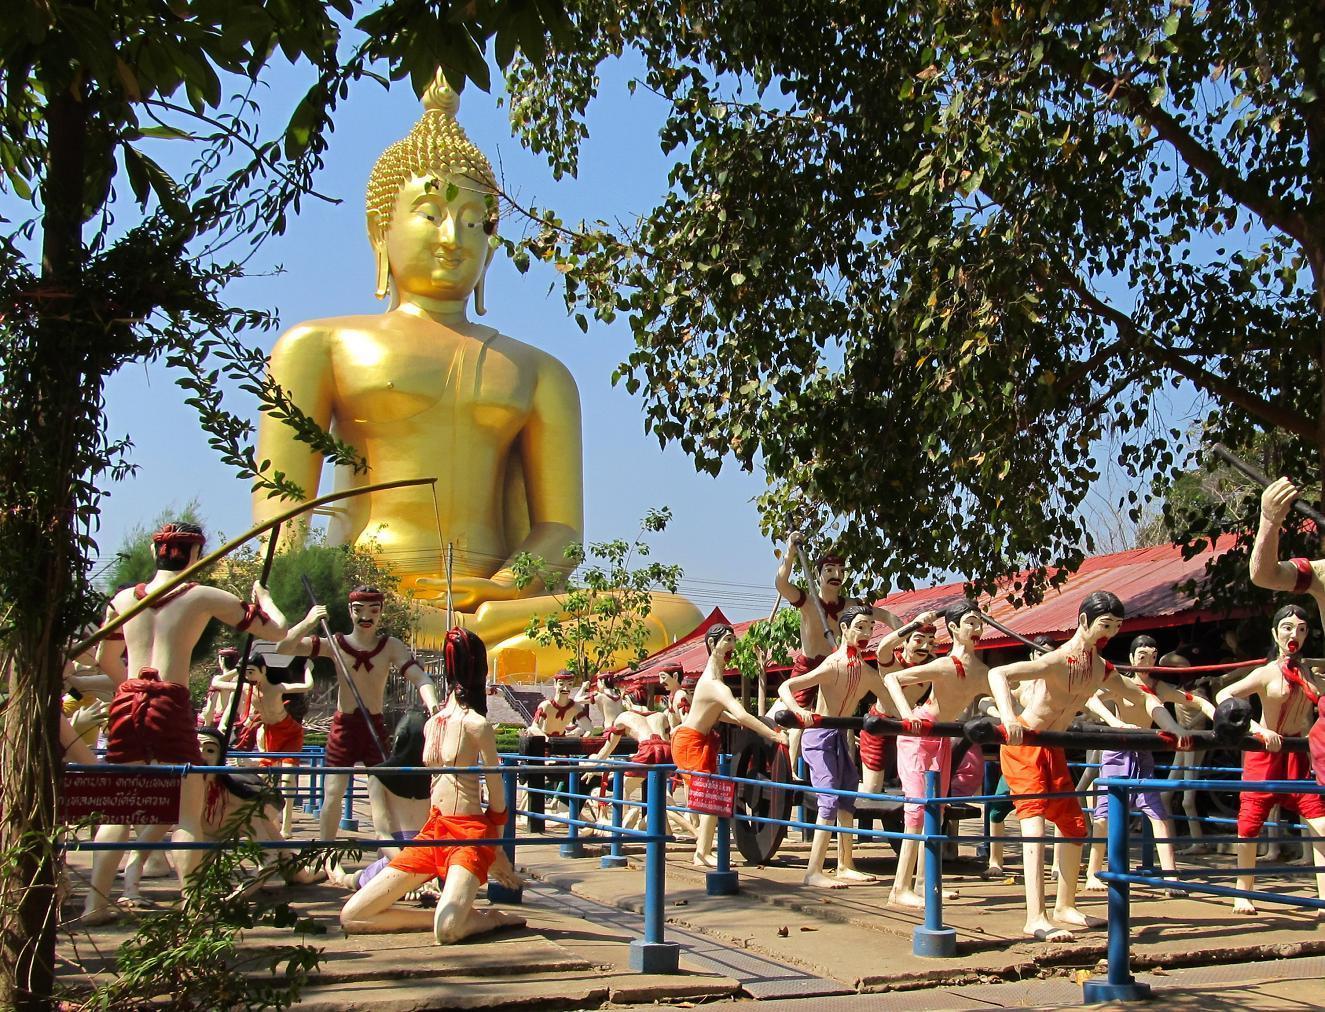 Výjev pekla v životní velikosti - Wat Muang - Thajsko